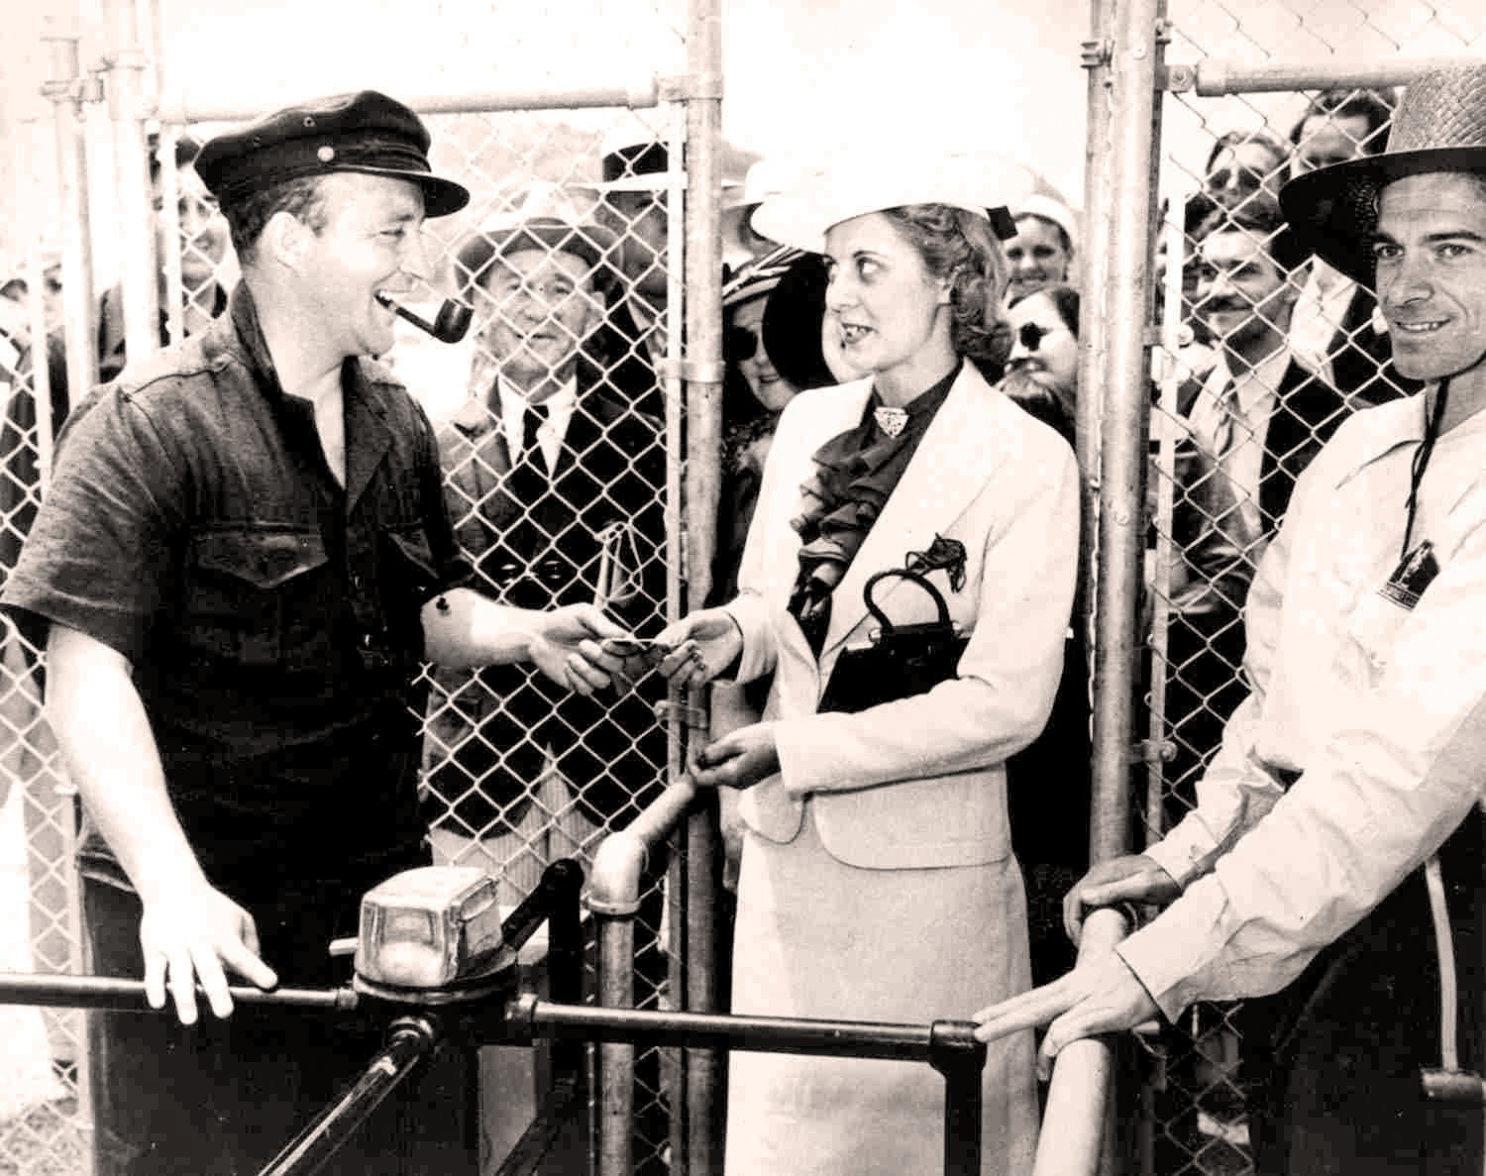 Bing Crosby, Del Mar Thoroughbred Club